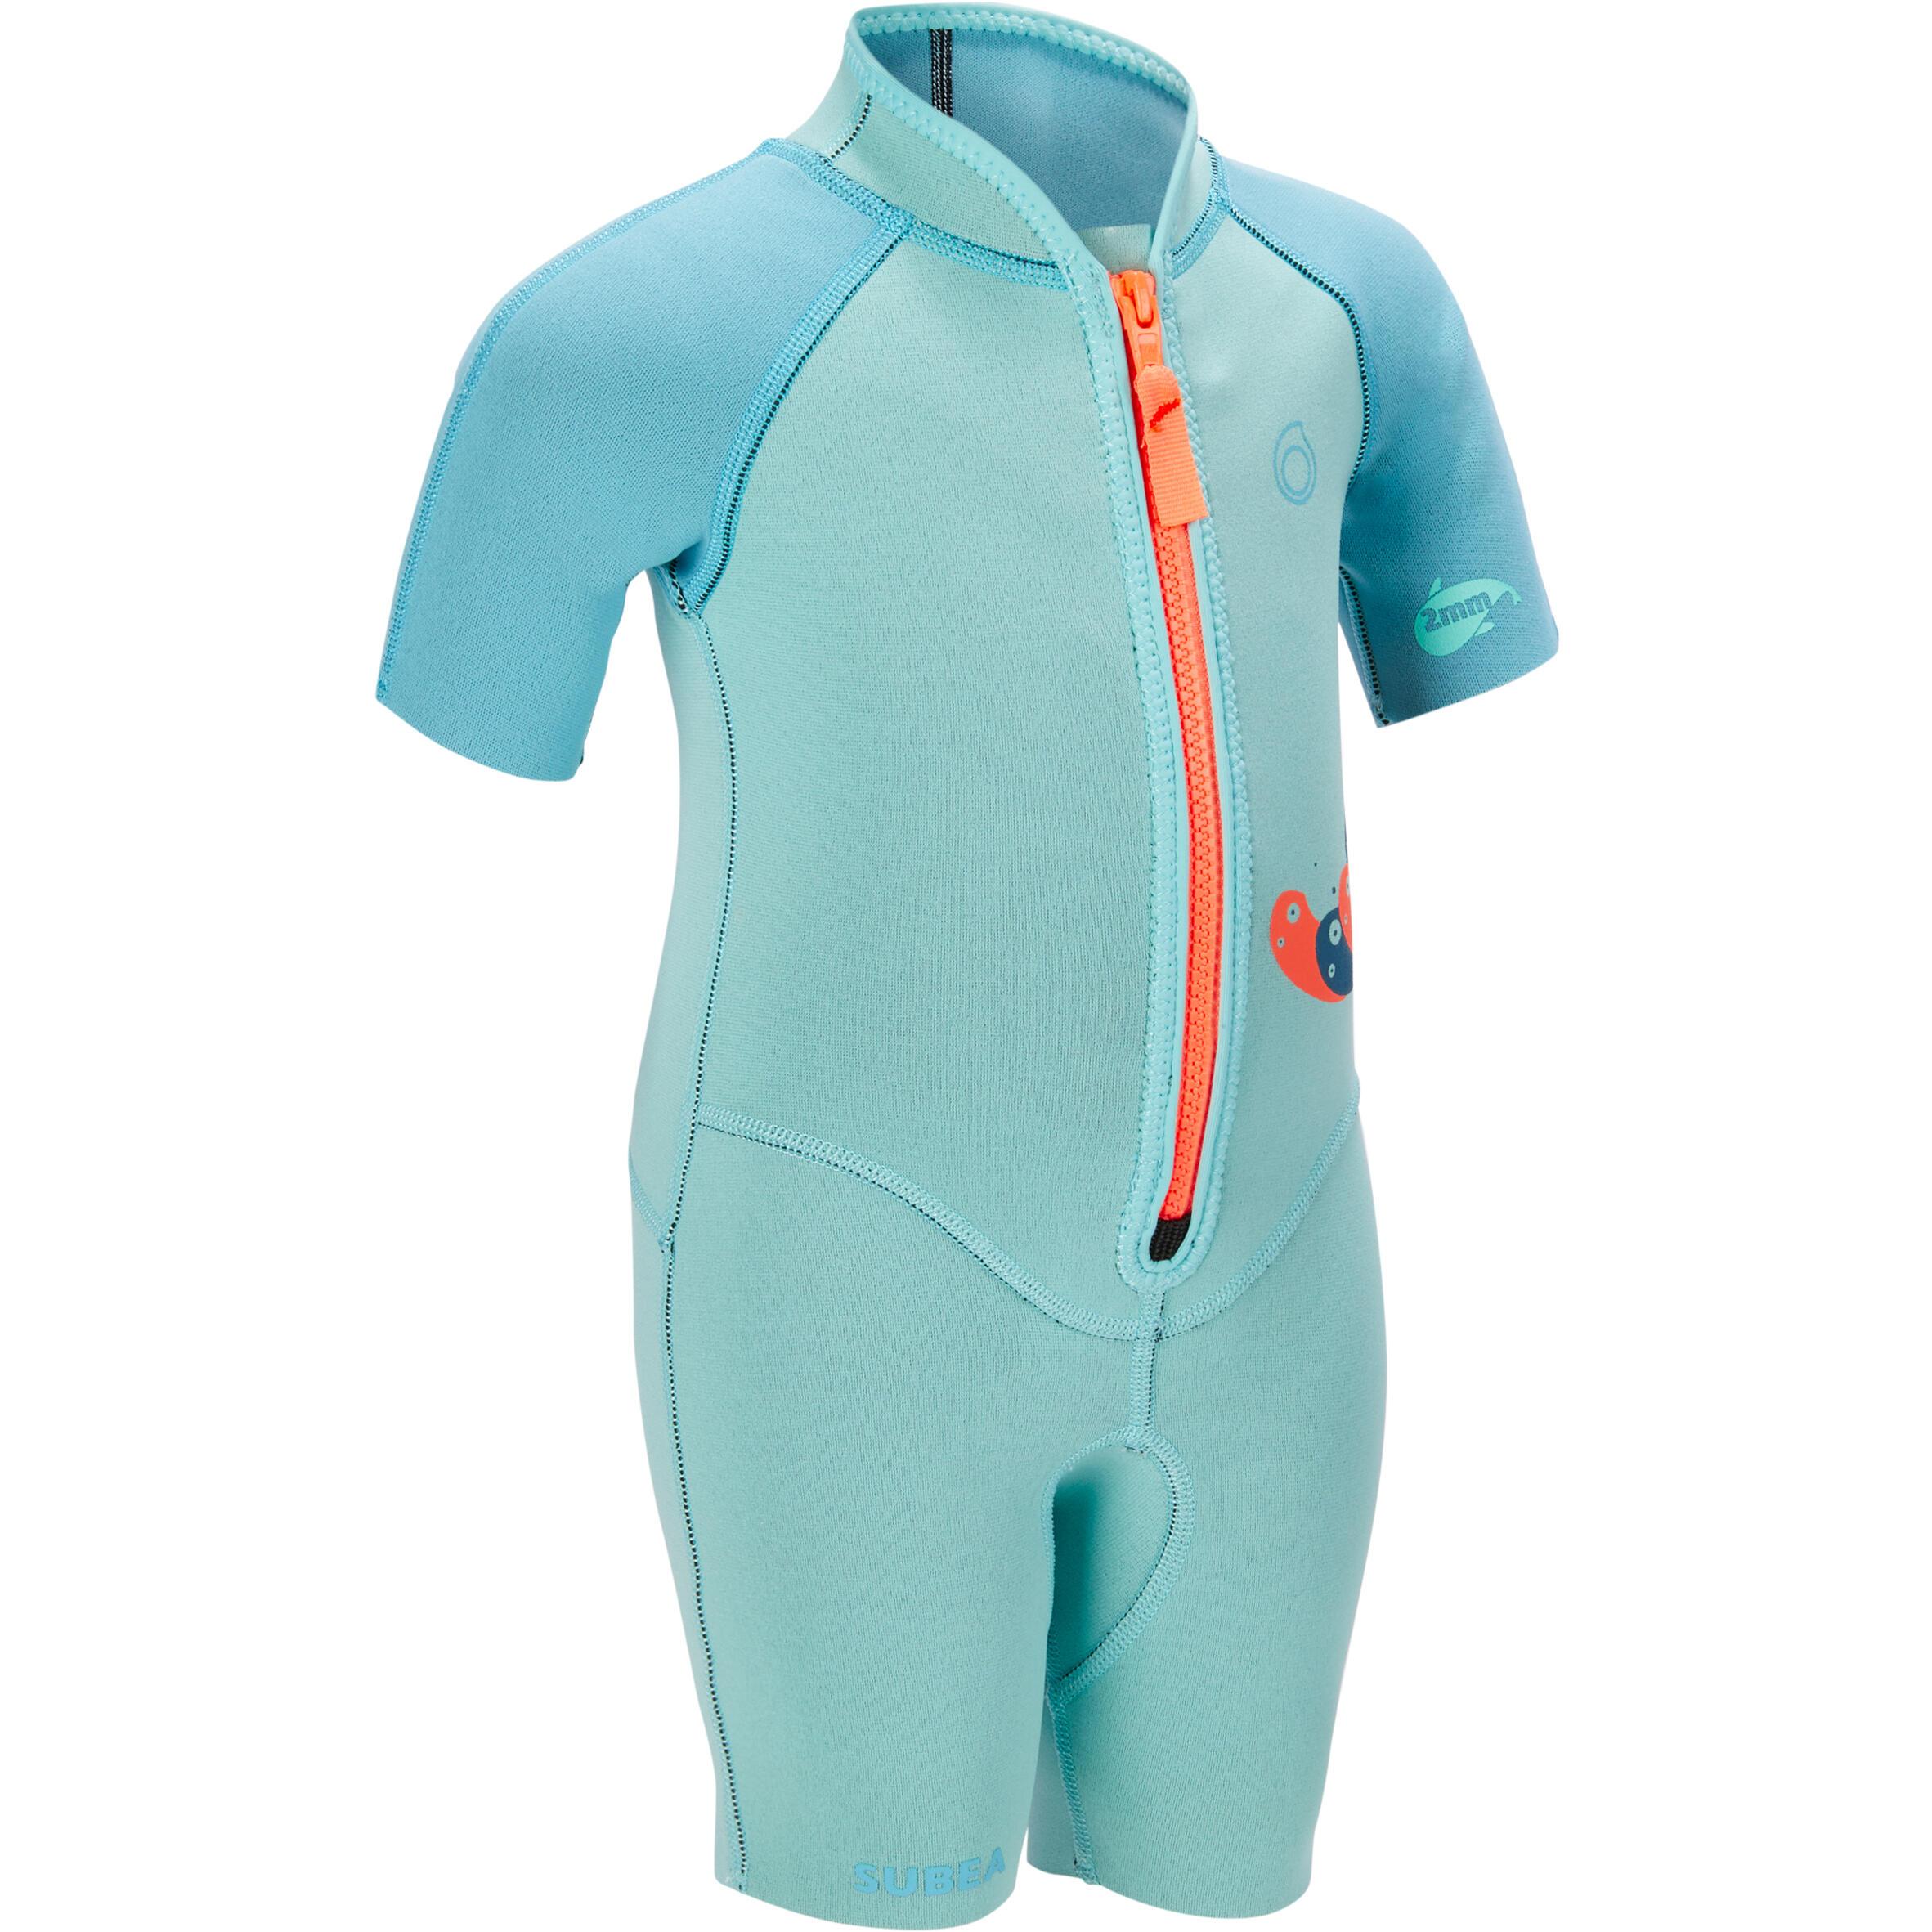 Subea Kindershorty 1,5 mm 100 voor snorkelen blauw turquoise kopen